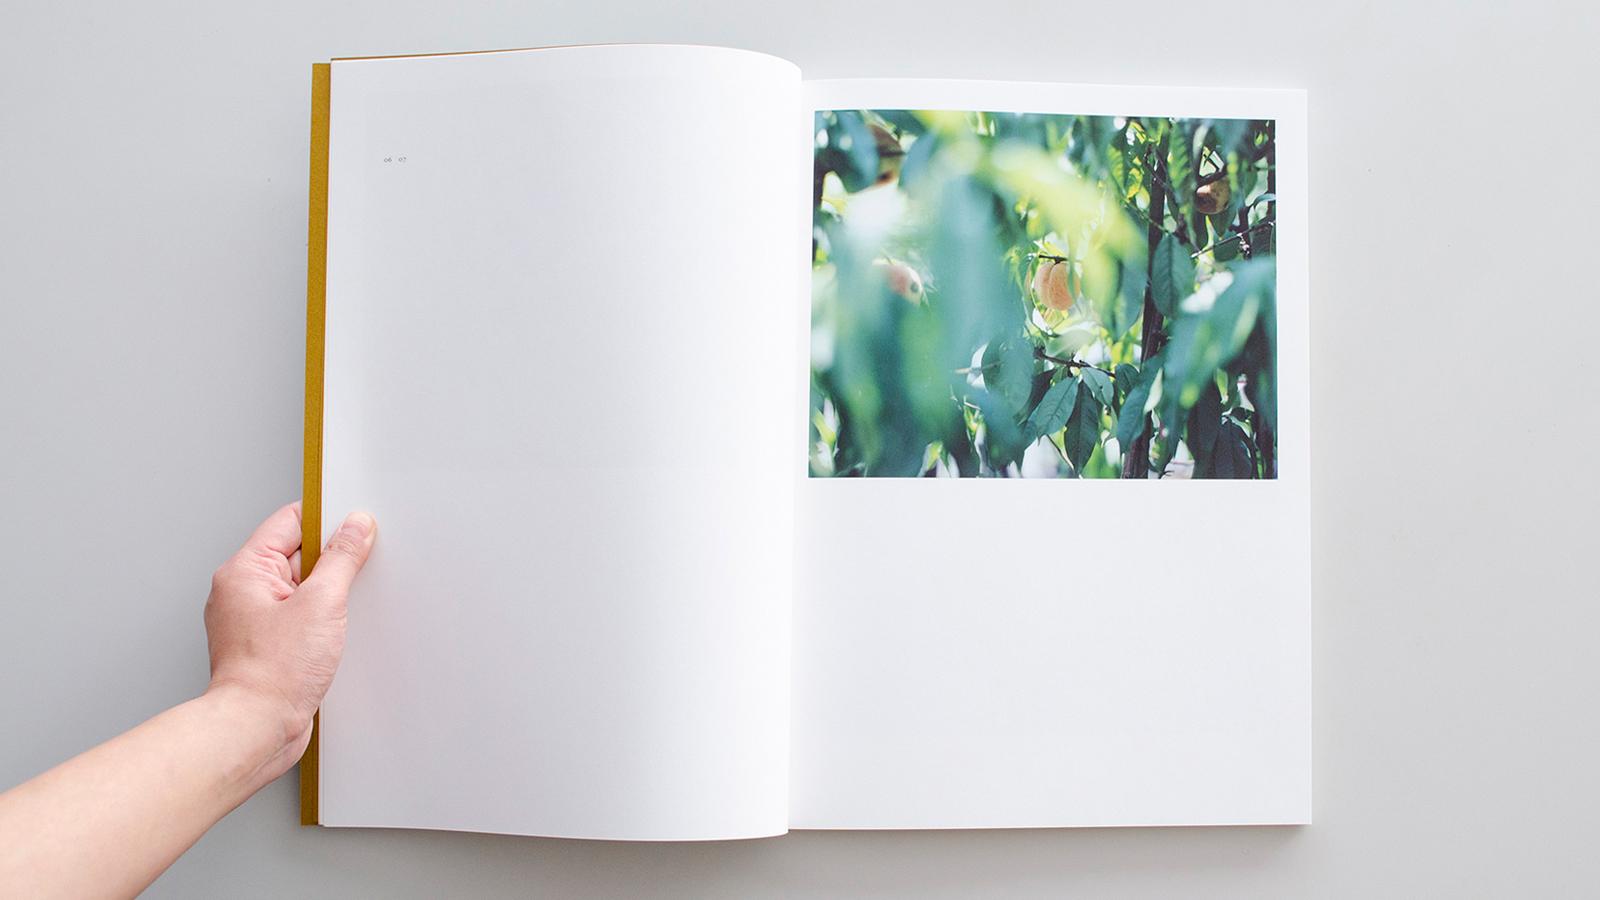 鈴木理策 私の秘密の花 ―西沢立衛のガーデン&ハウス|True Ring